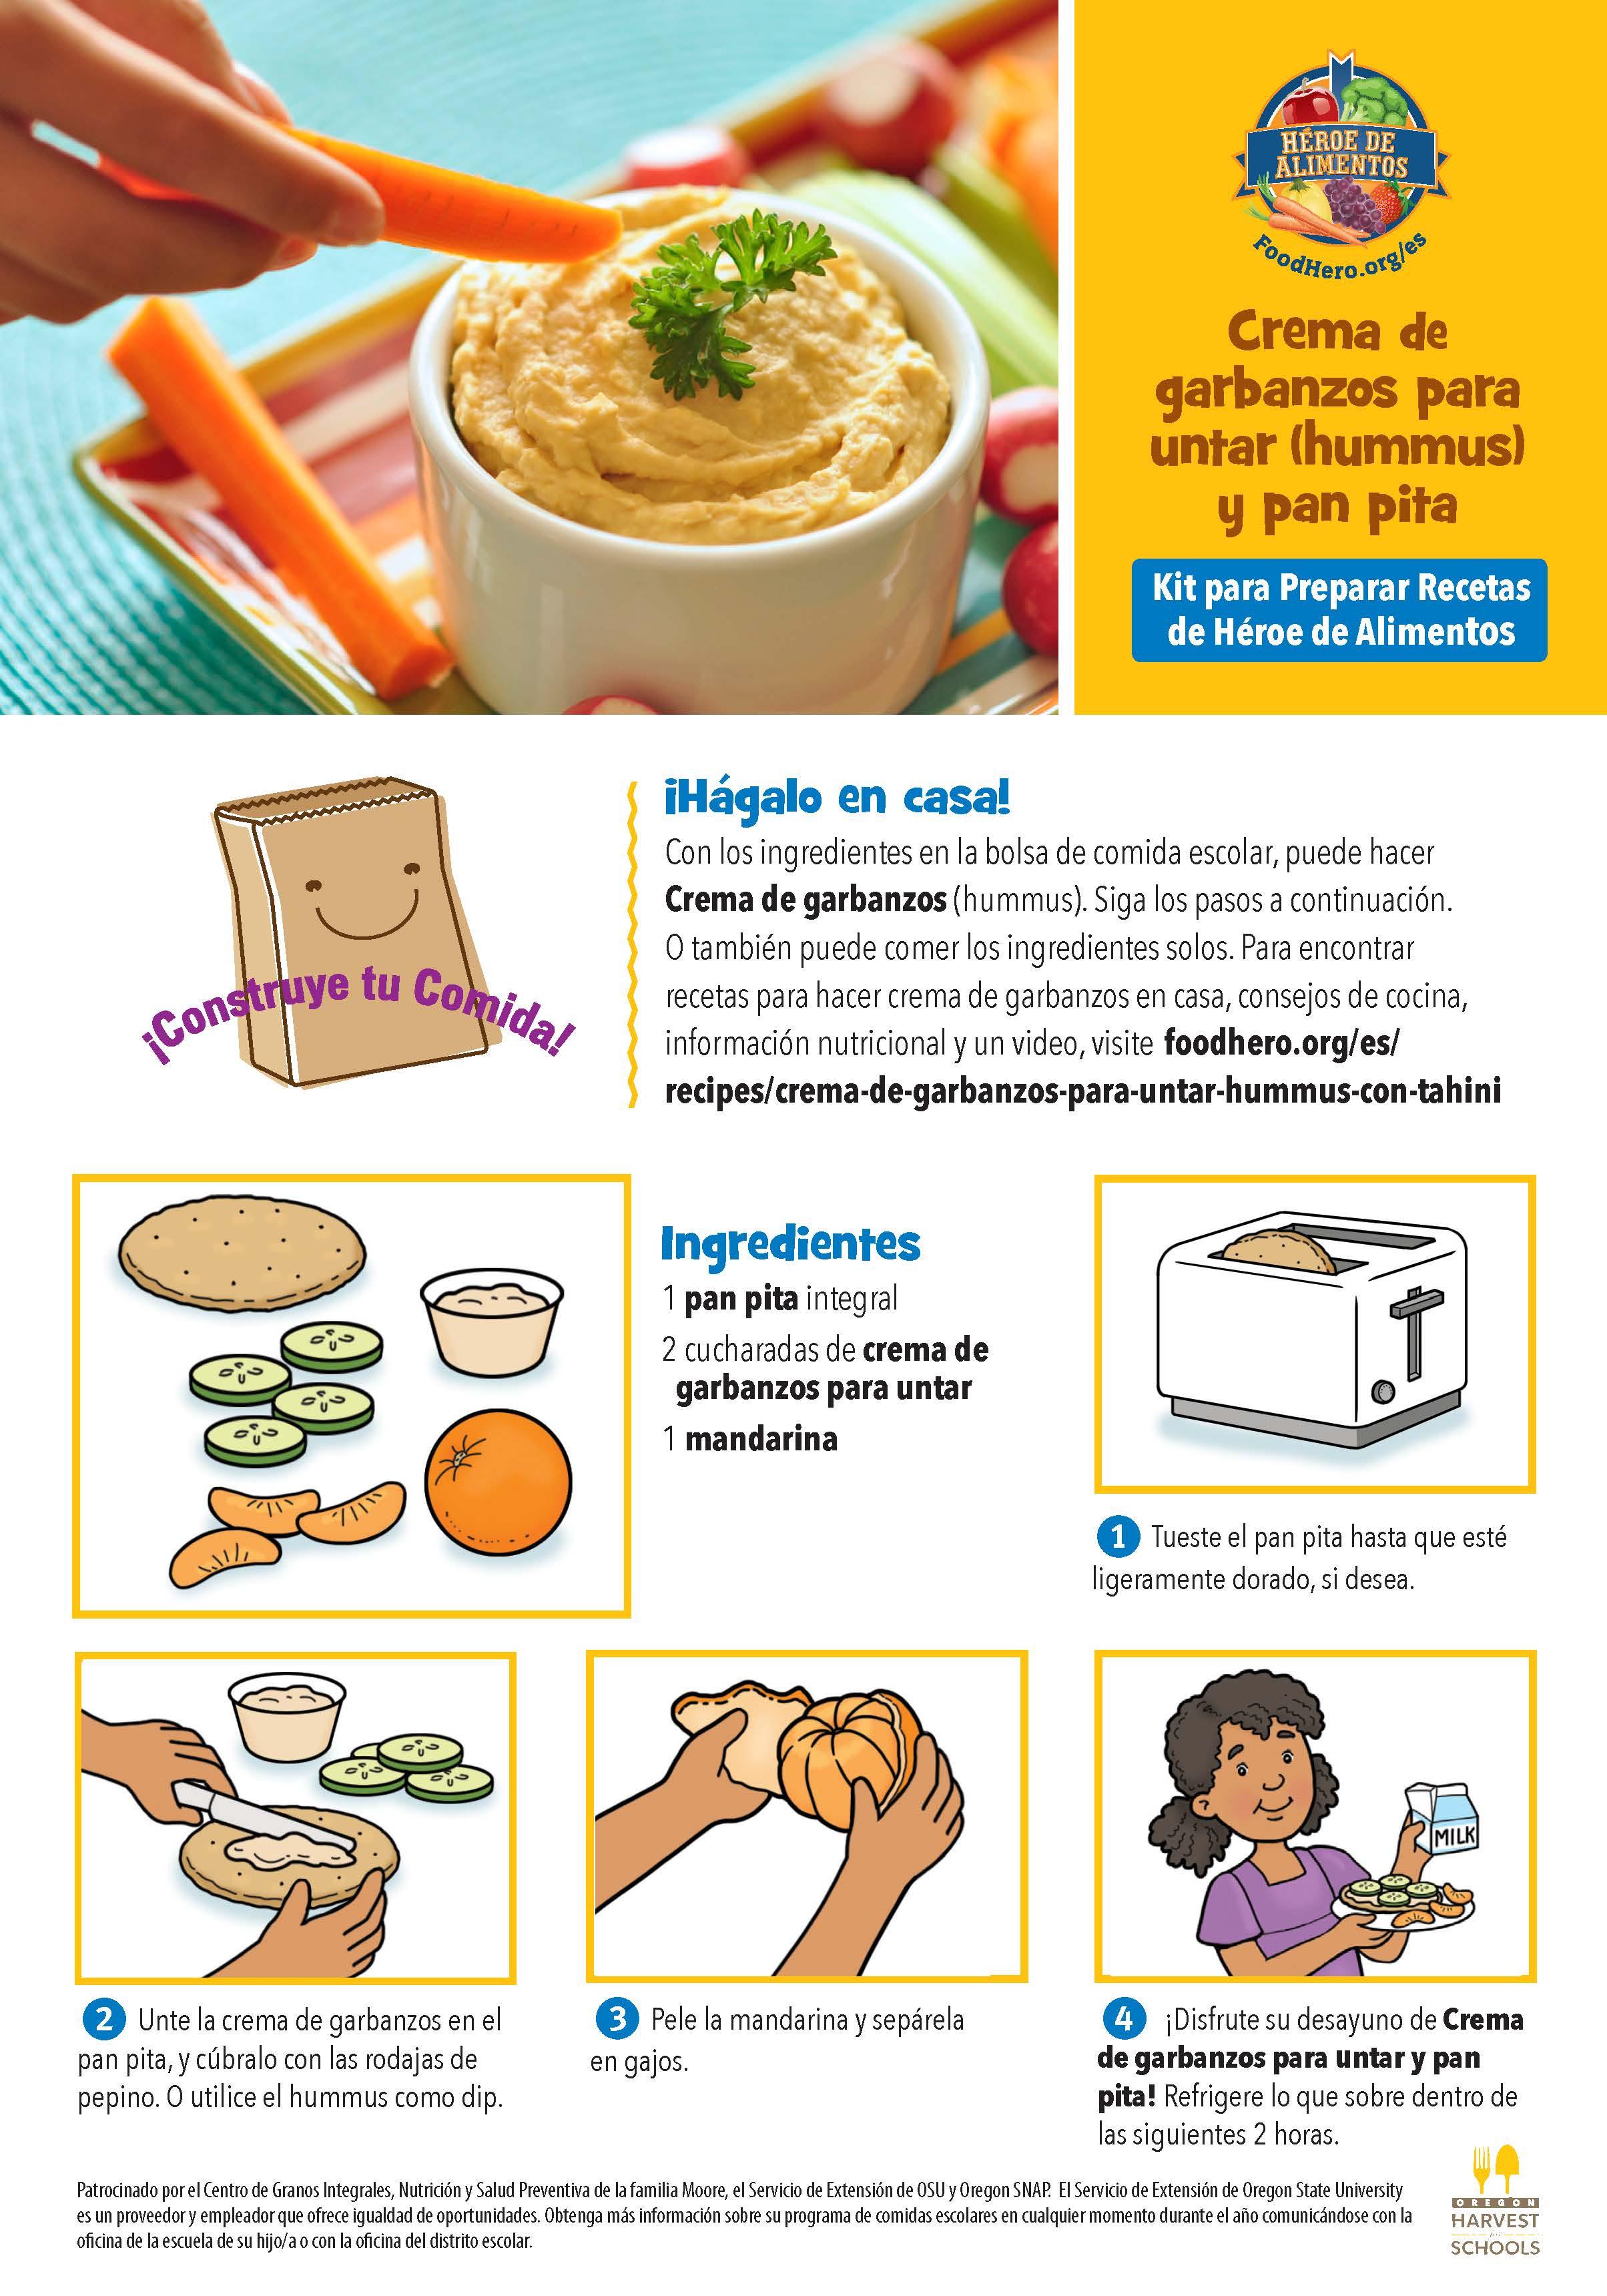 Kit de Recetas de Heroe de Alimentos